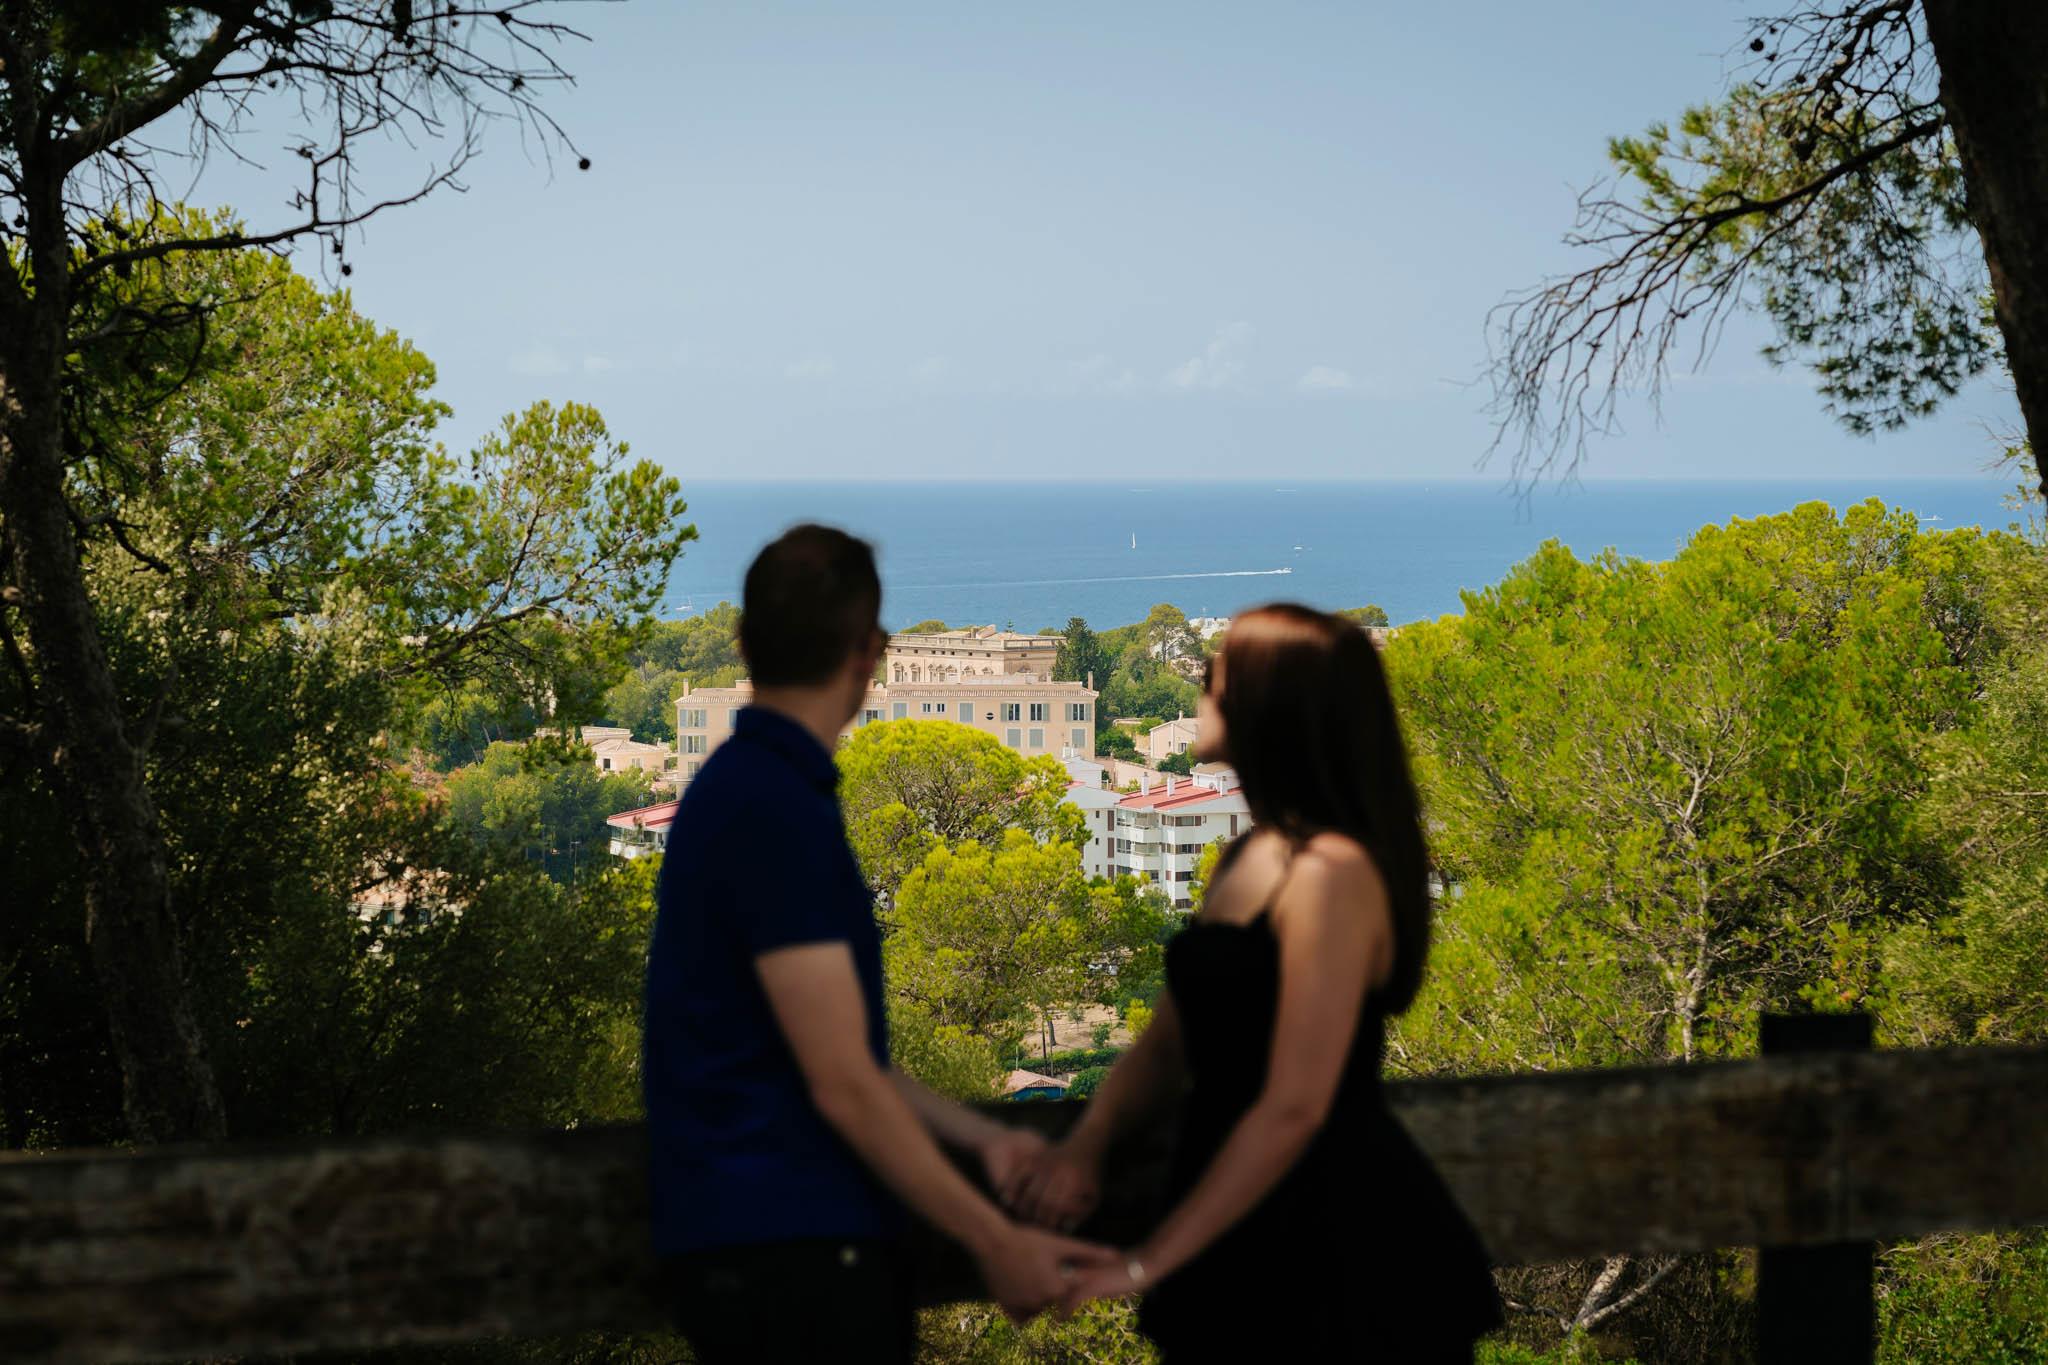 destination-wedding-photography-spain-palma-de-mallorca (115)